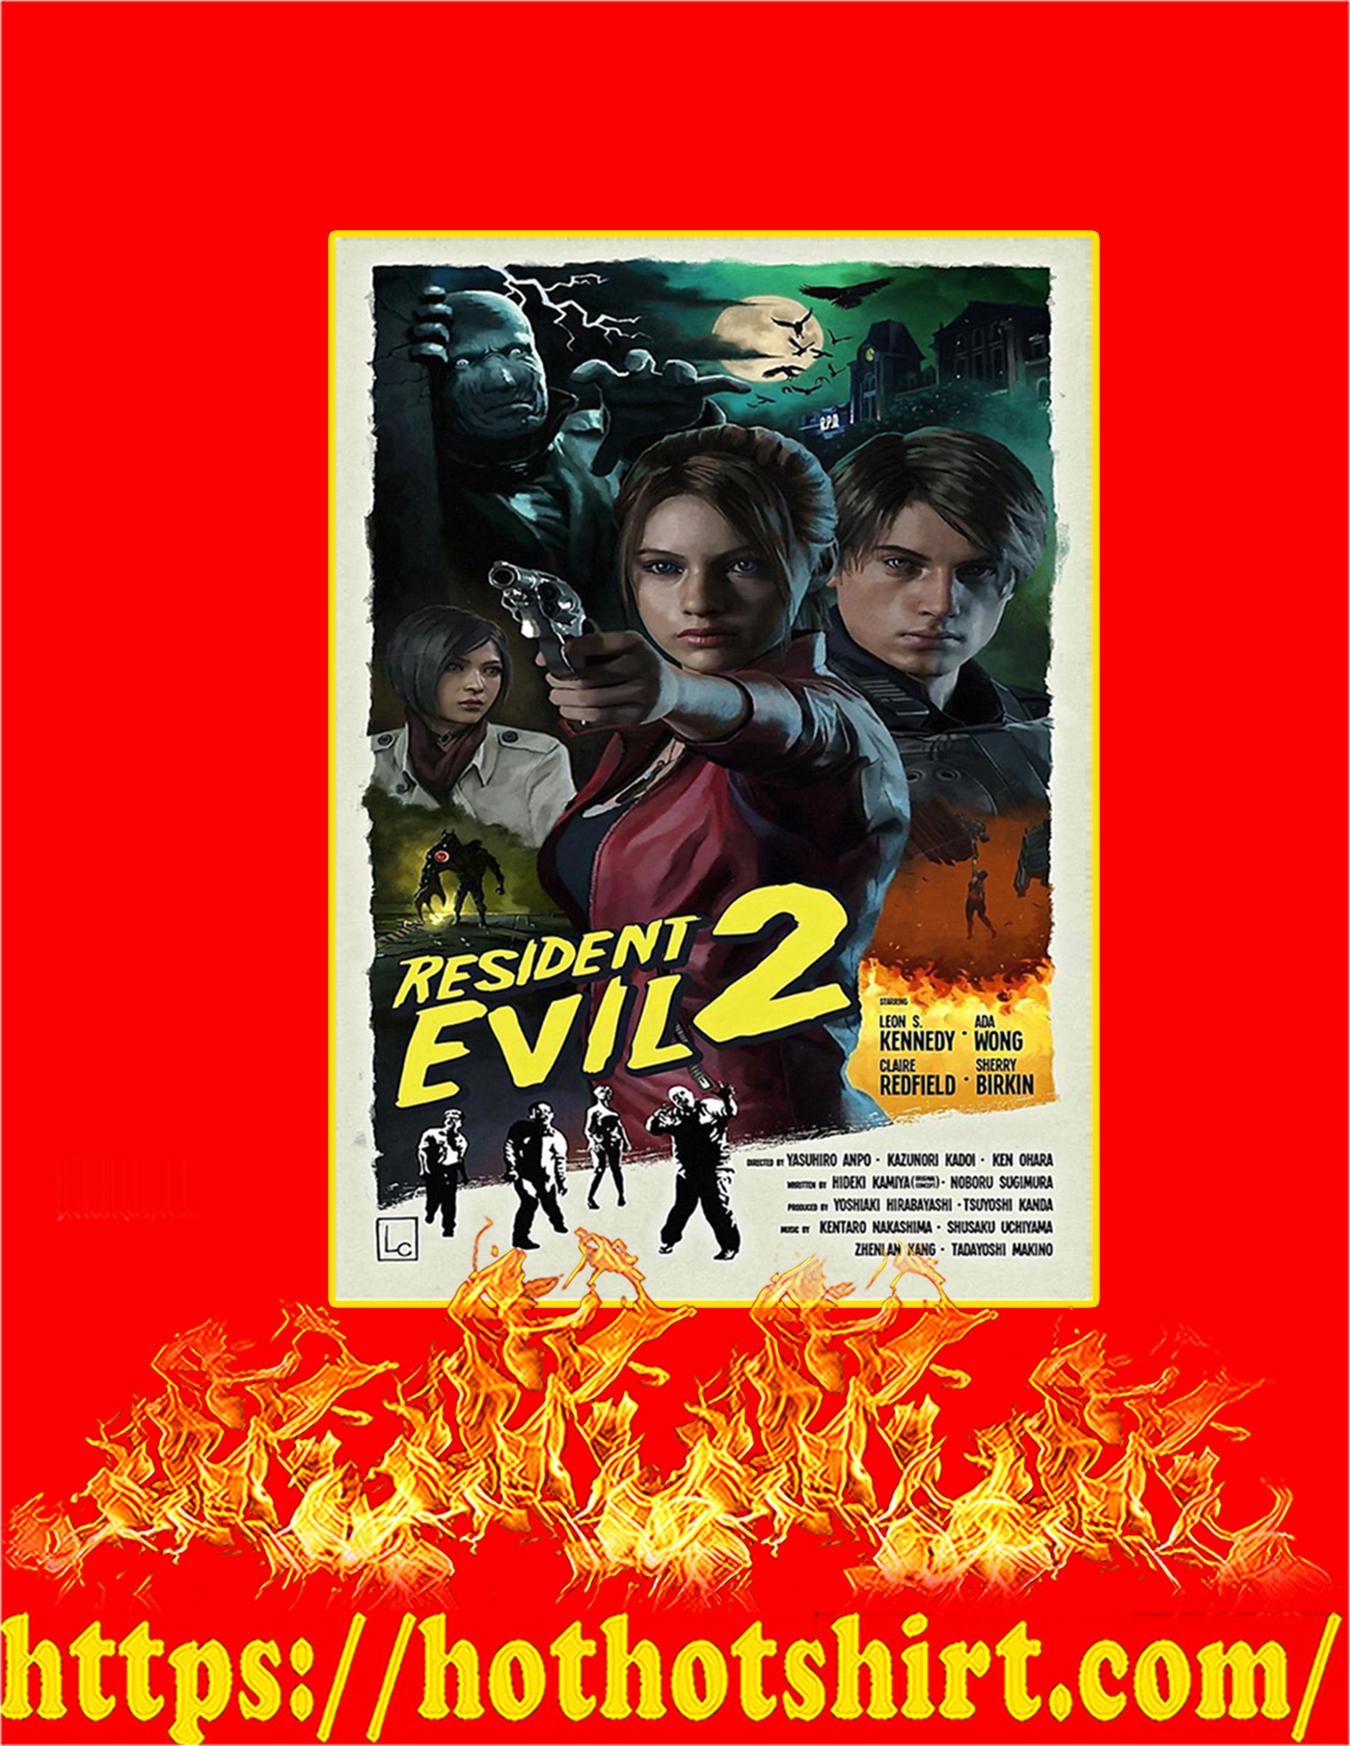 Resident evil 2 poster - A2